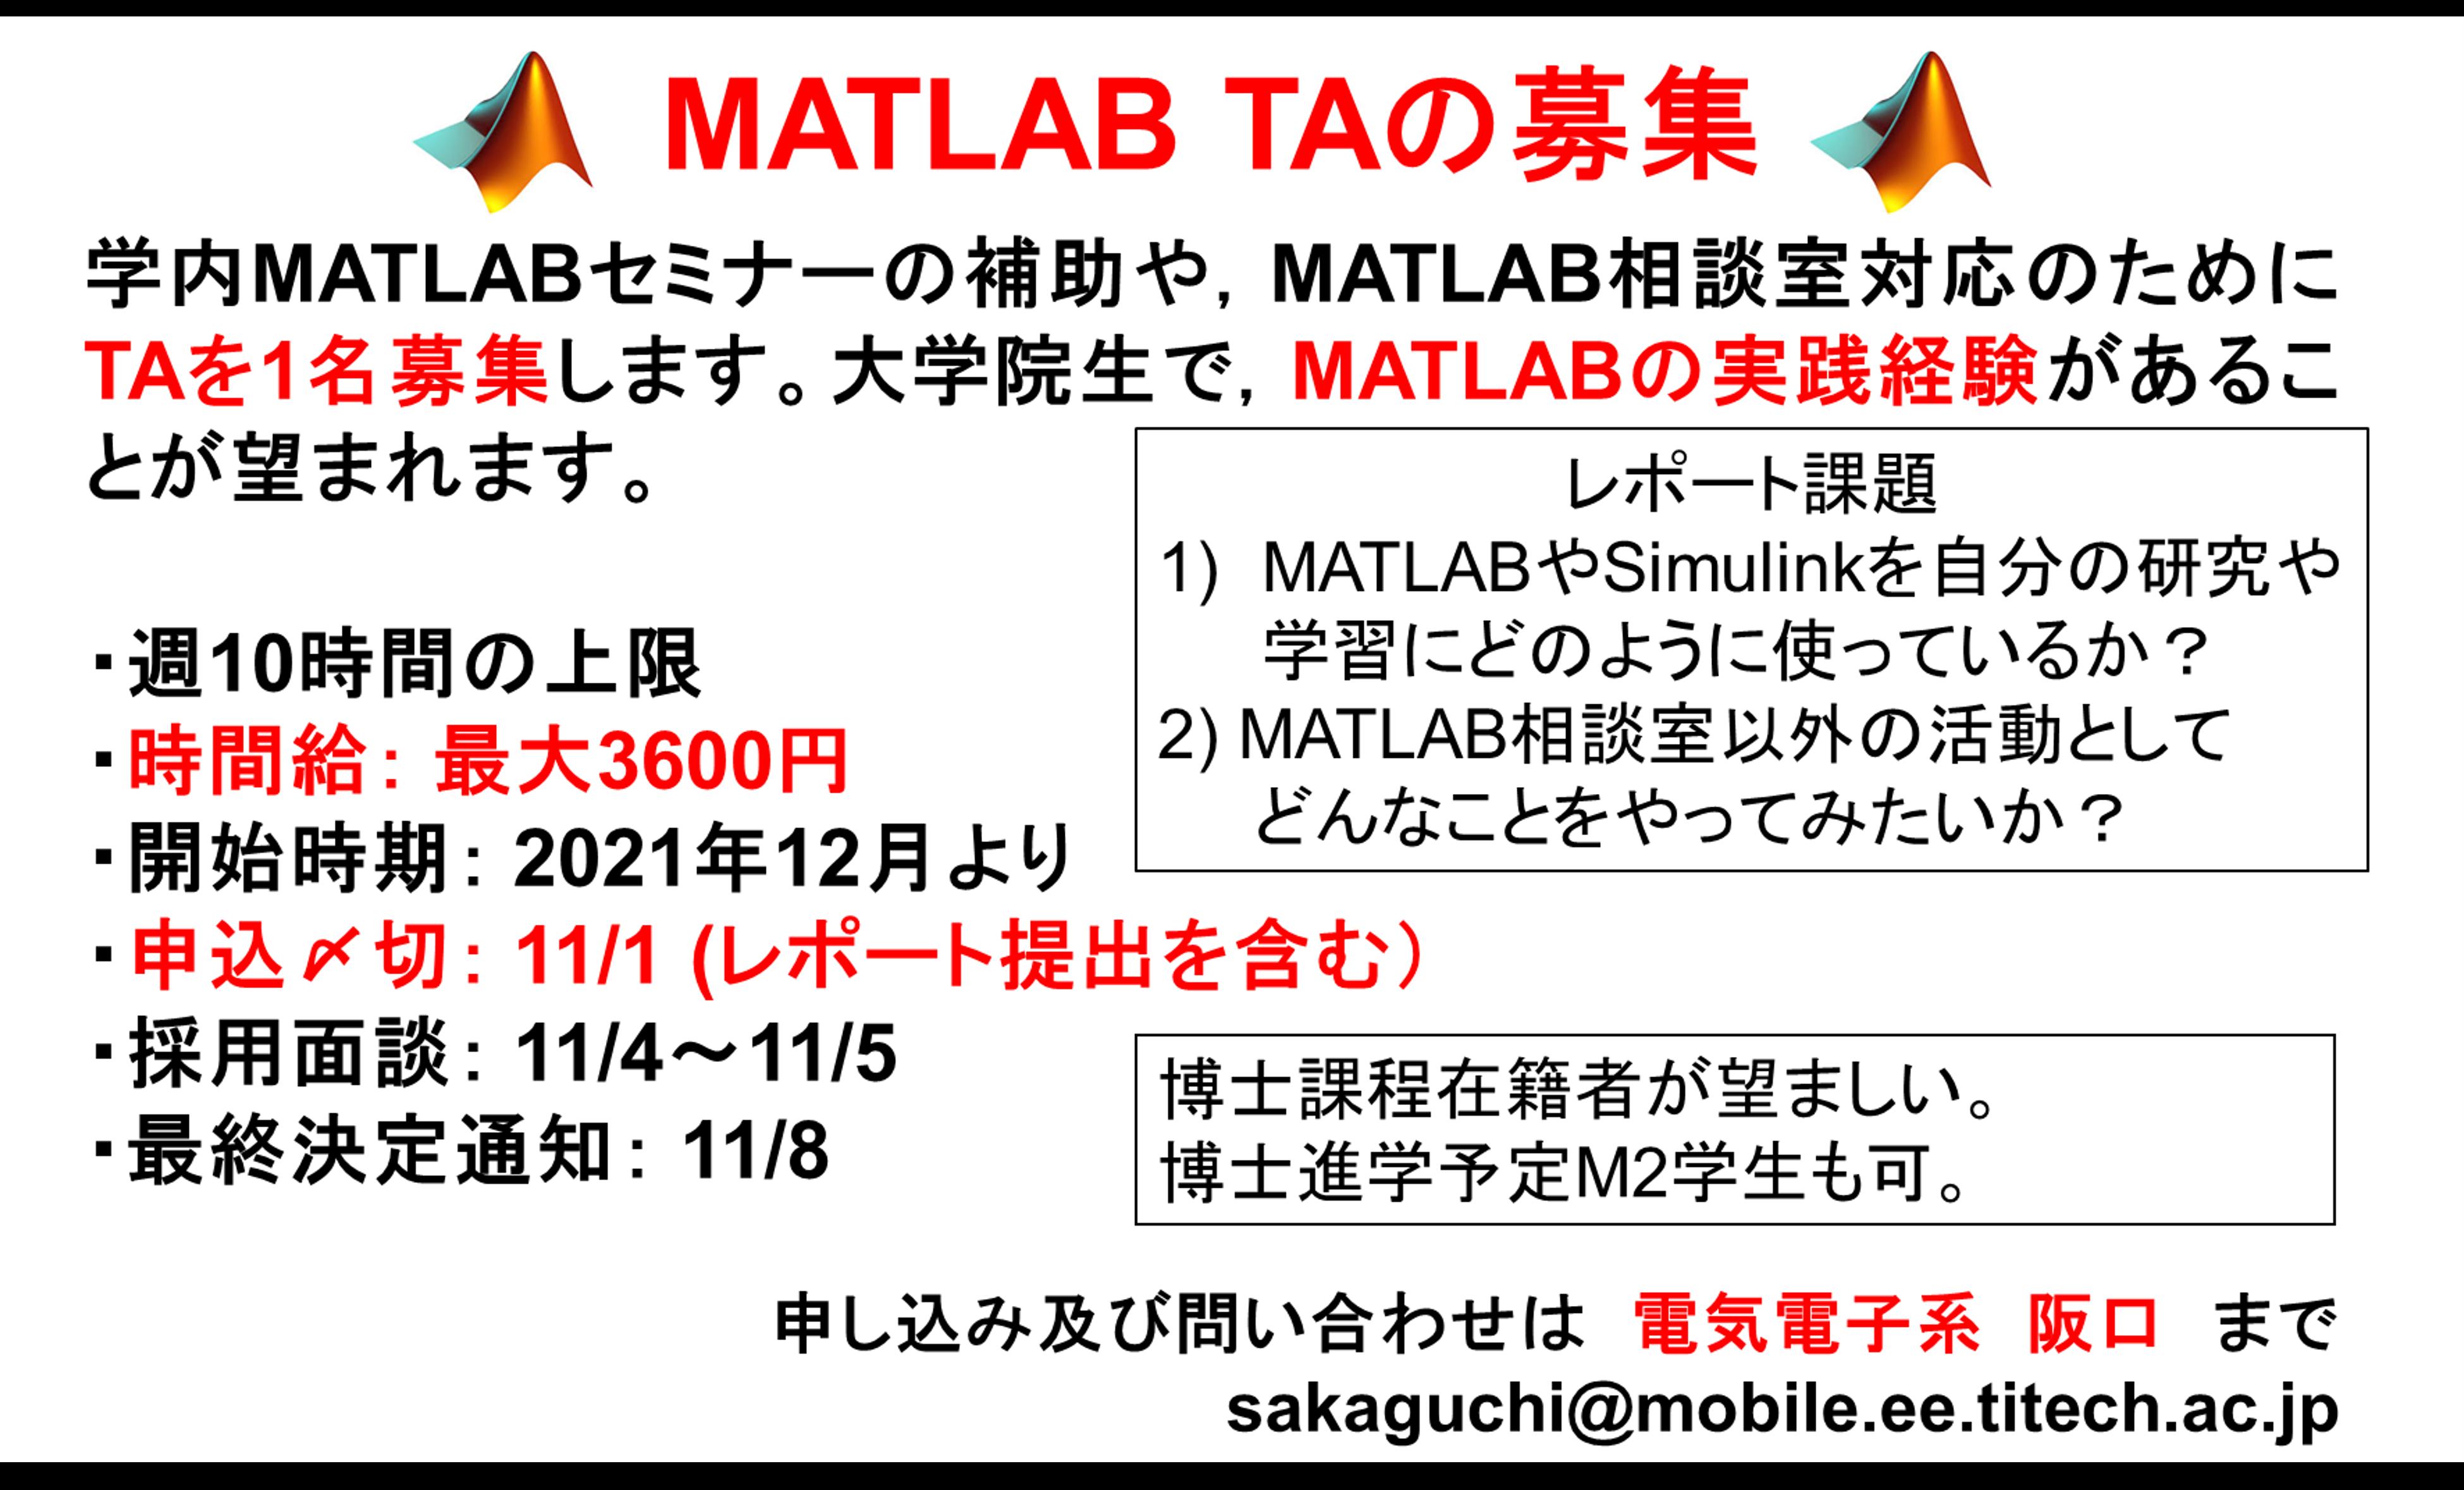 MATLAB TAの募集広告